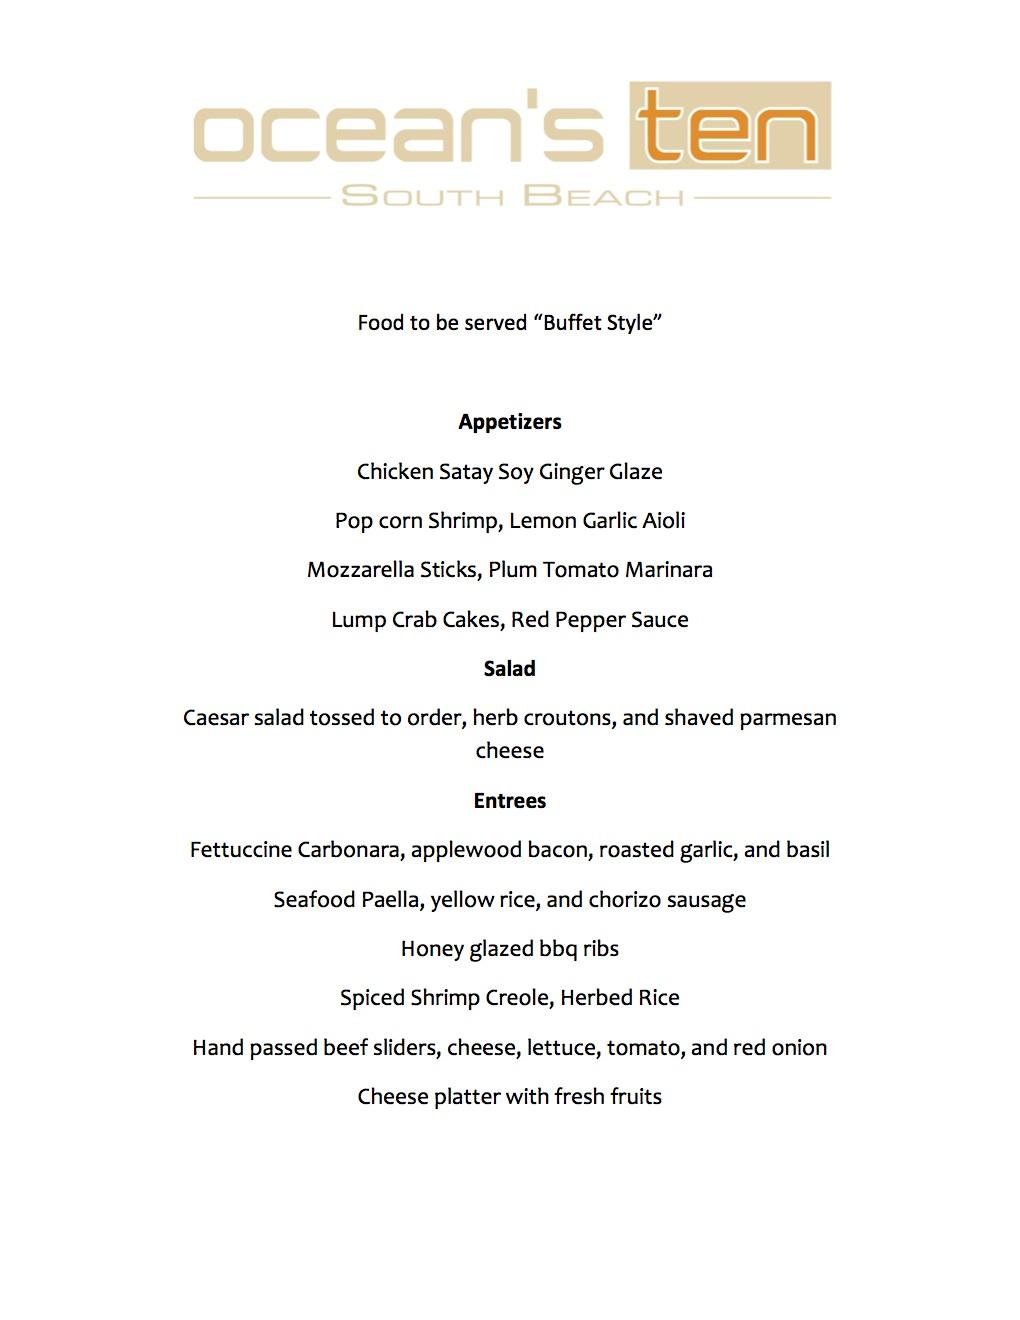 full group menu